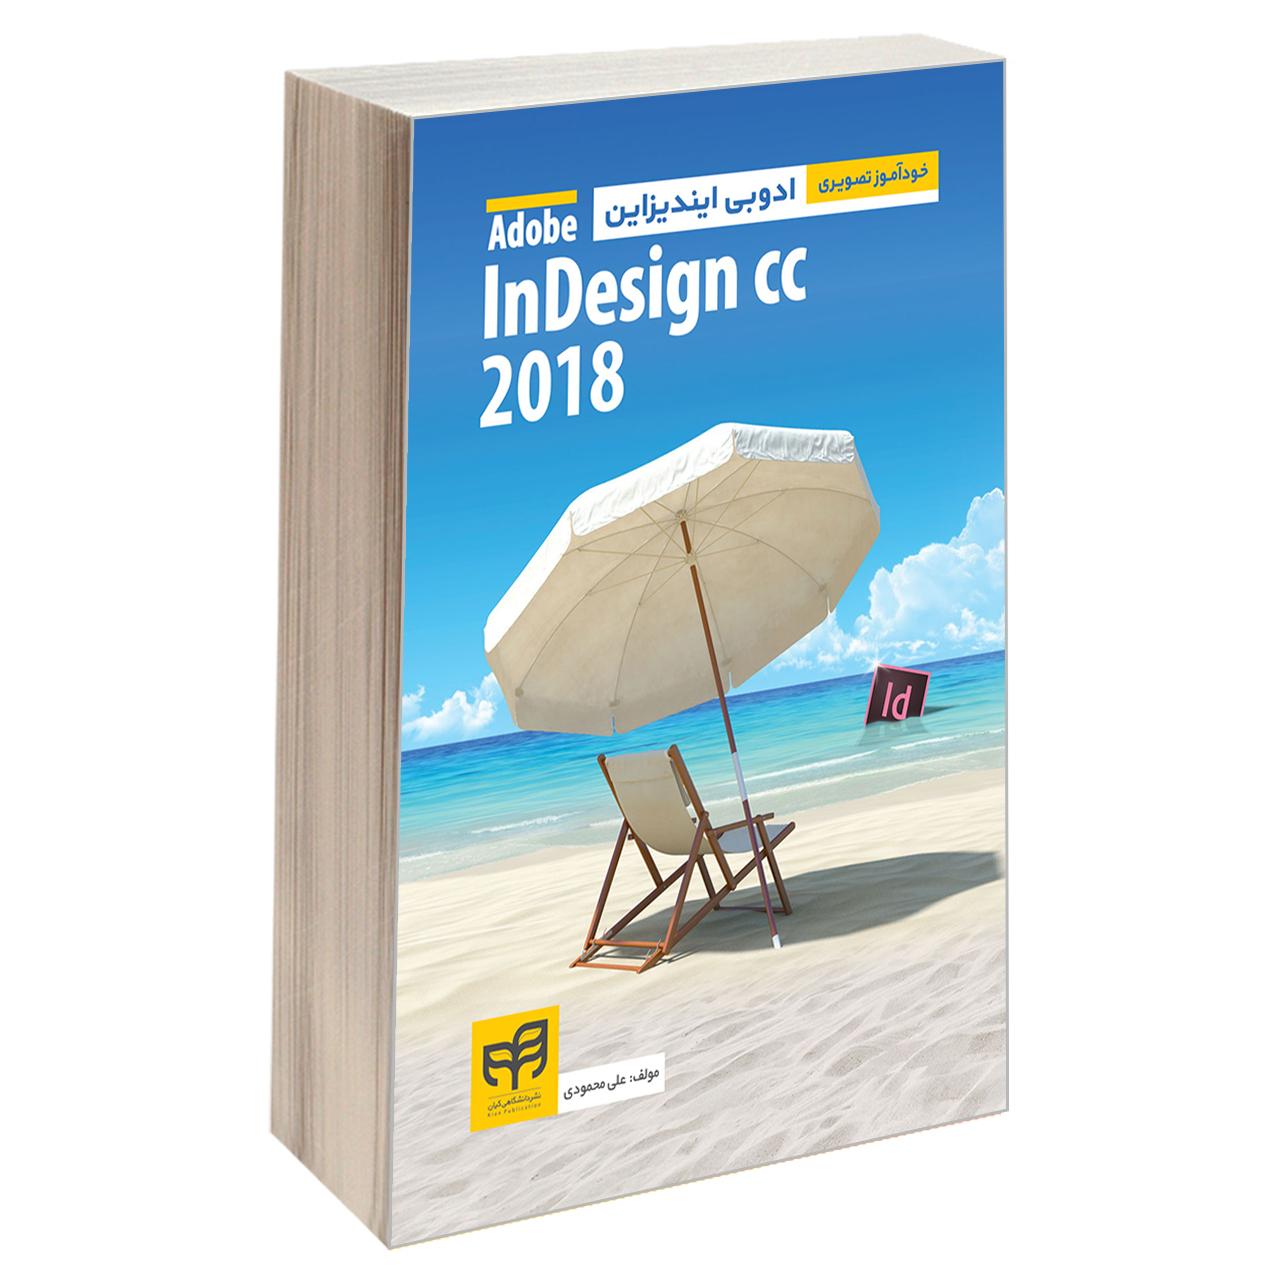 کتاب خودآموز تصویری ادوبی ایندیزاین Adobe InDesign CC 2018 اثر علی محمودی انتشارات دانشگاهی کیان